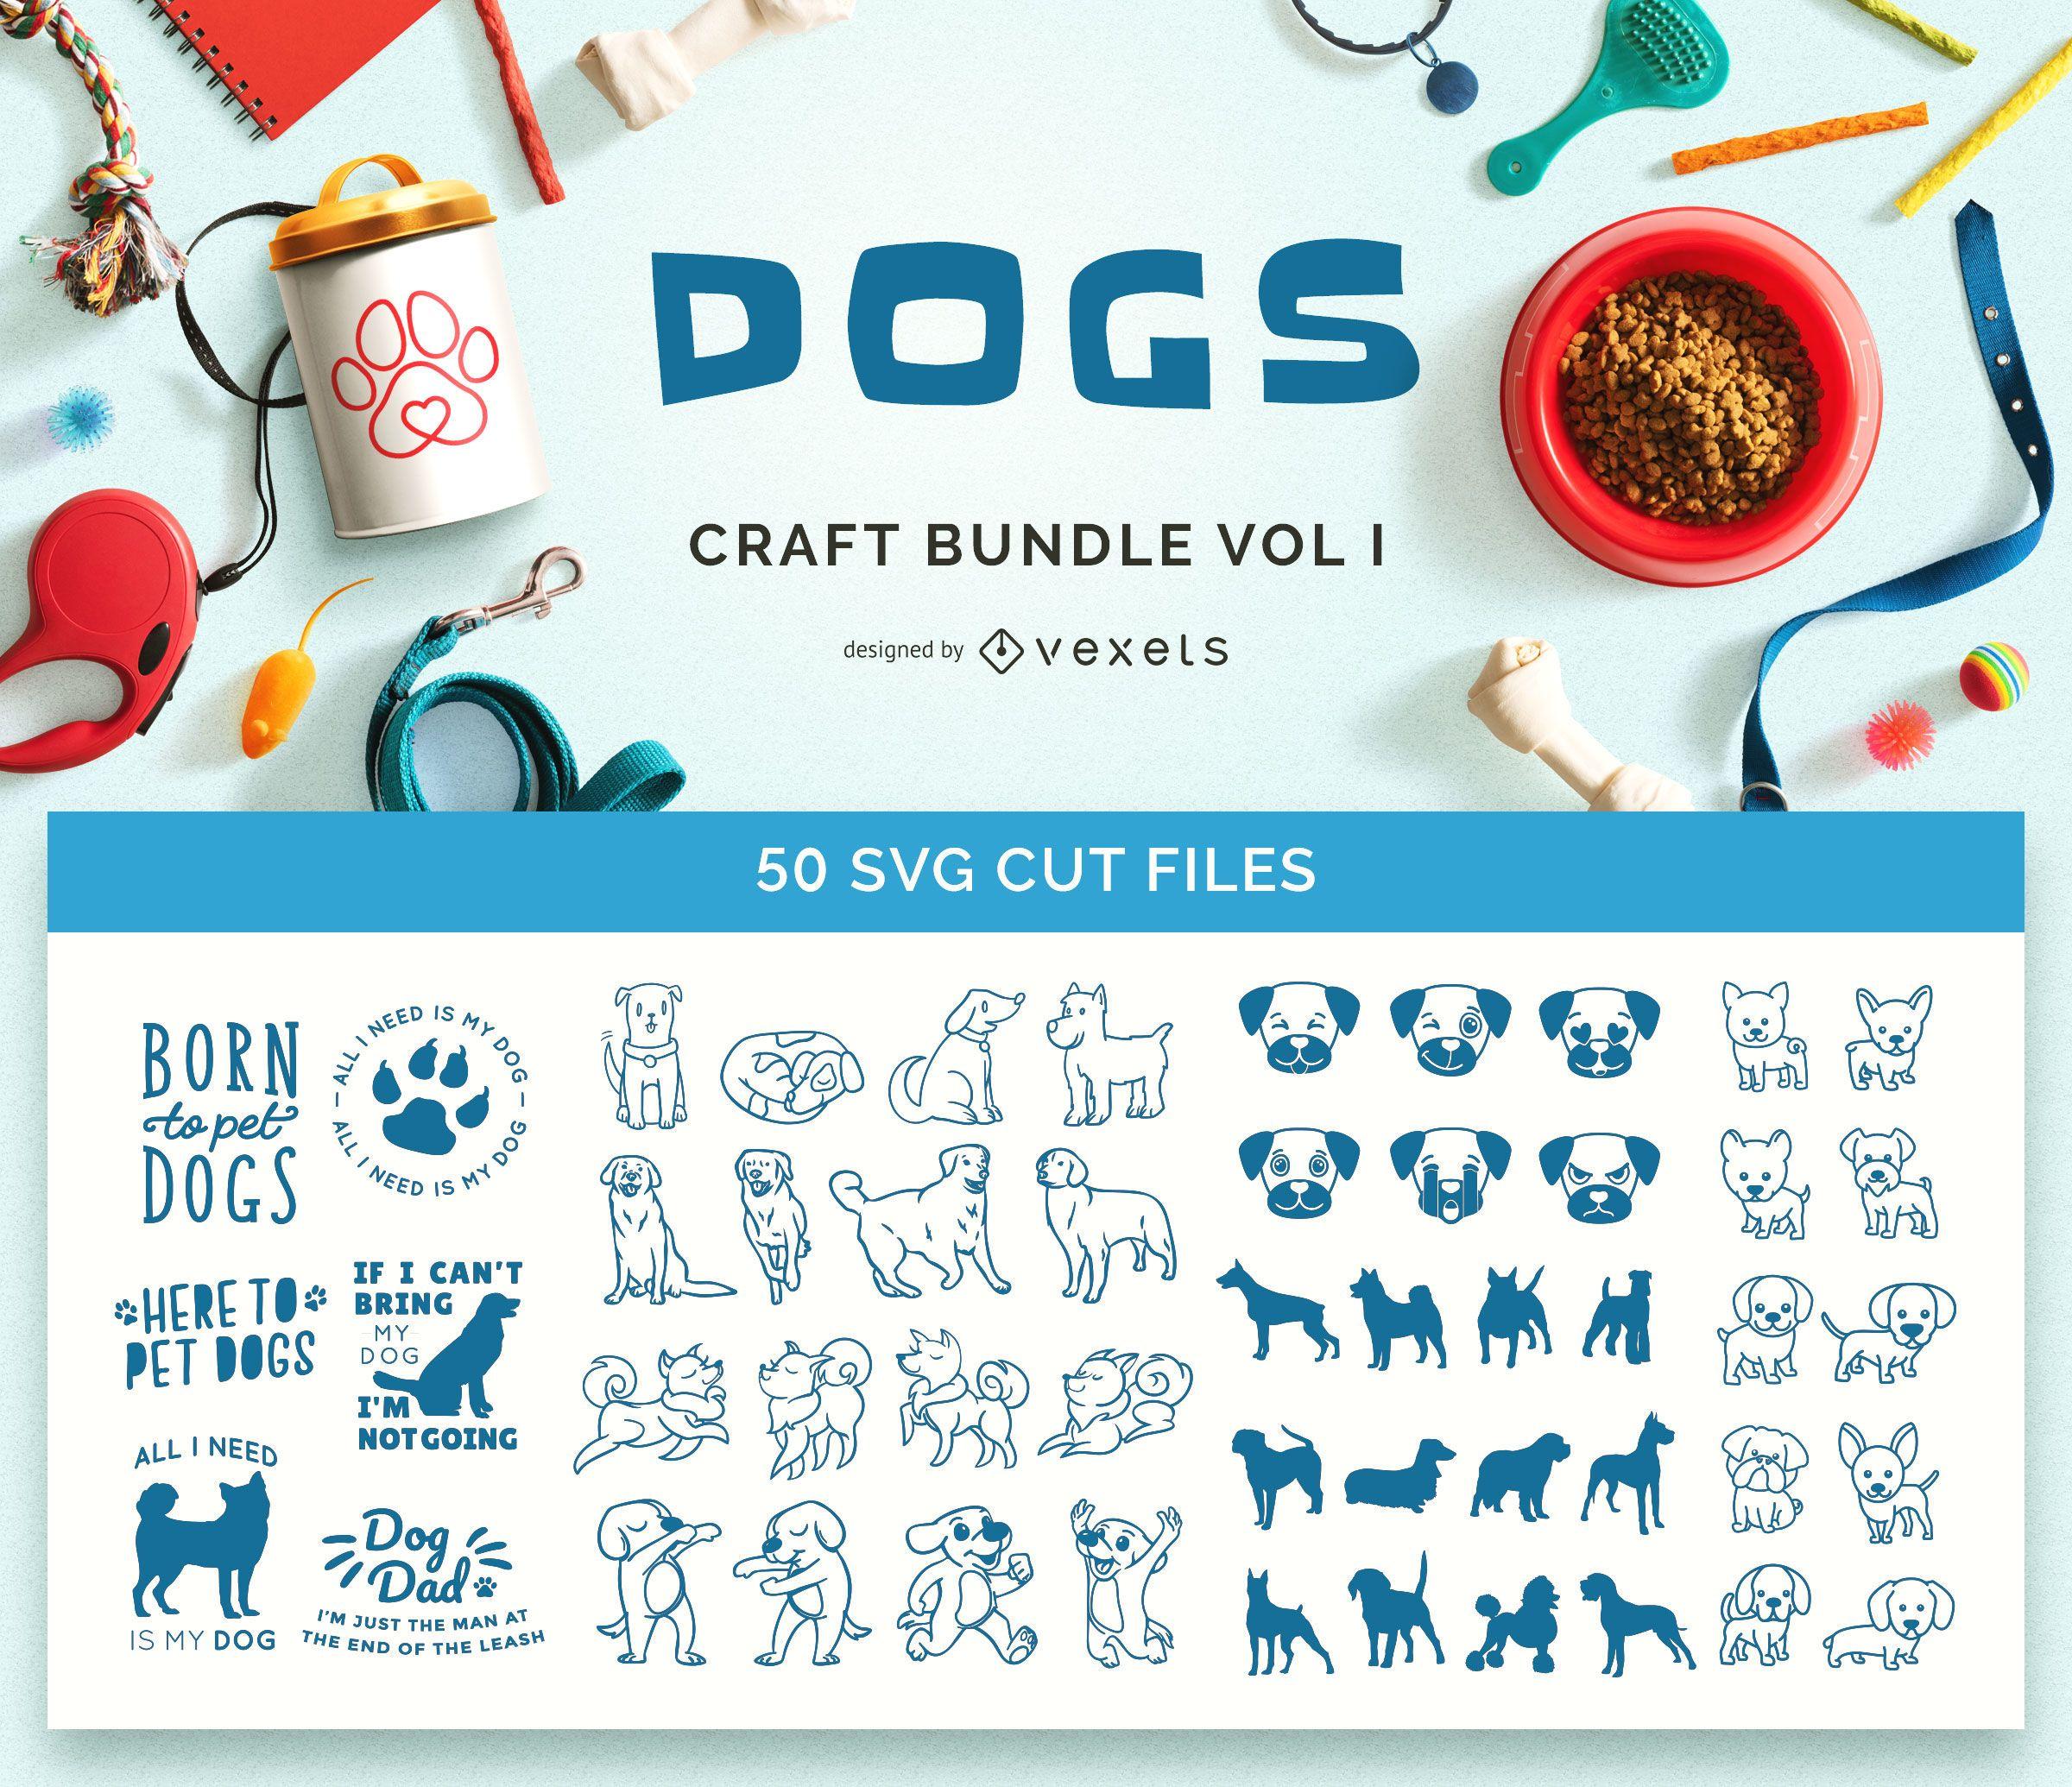 Pacote de artesanato para cães Vol I